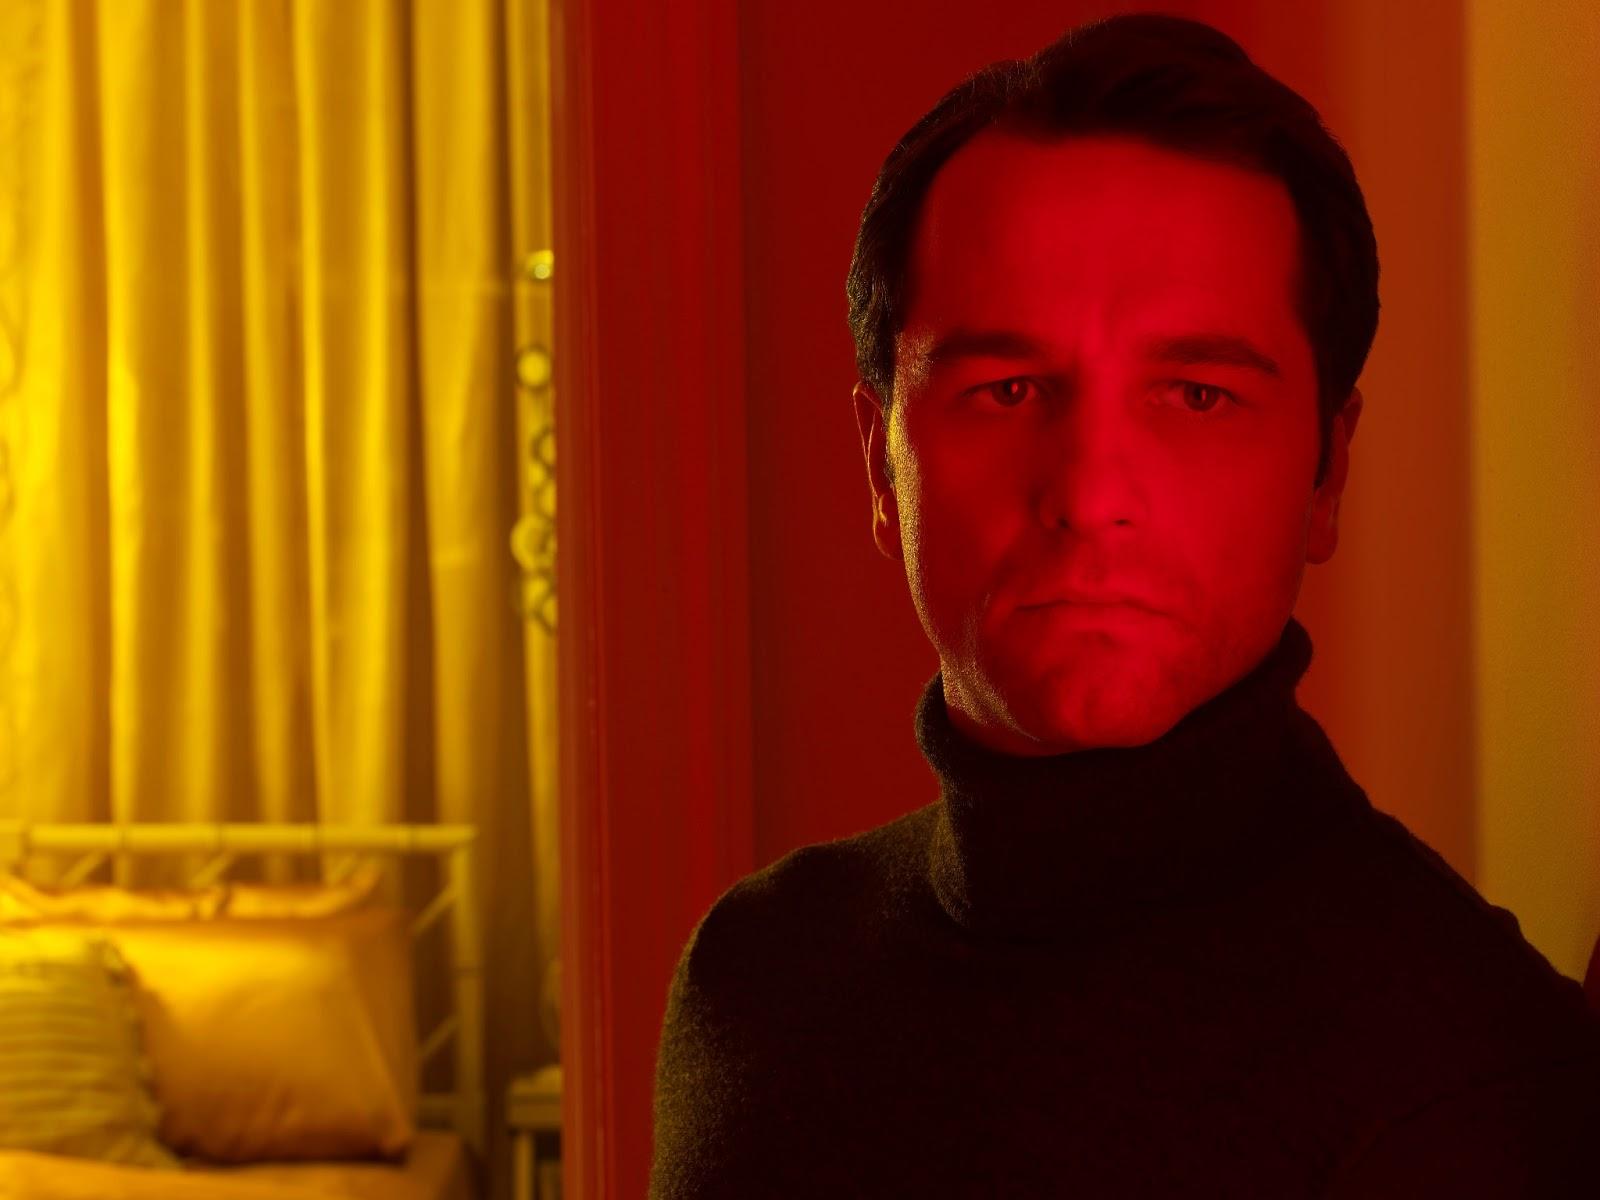 Matthew Rhys encabeza el reparto de la serie de espías 'The Americans'.